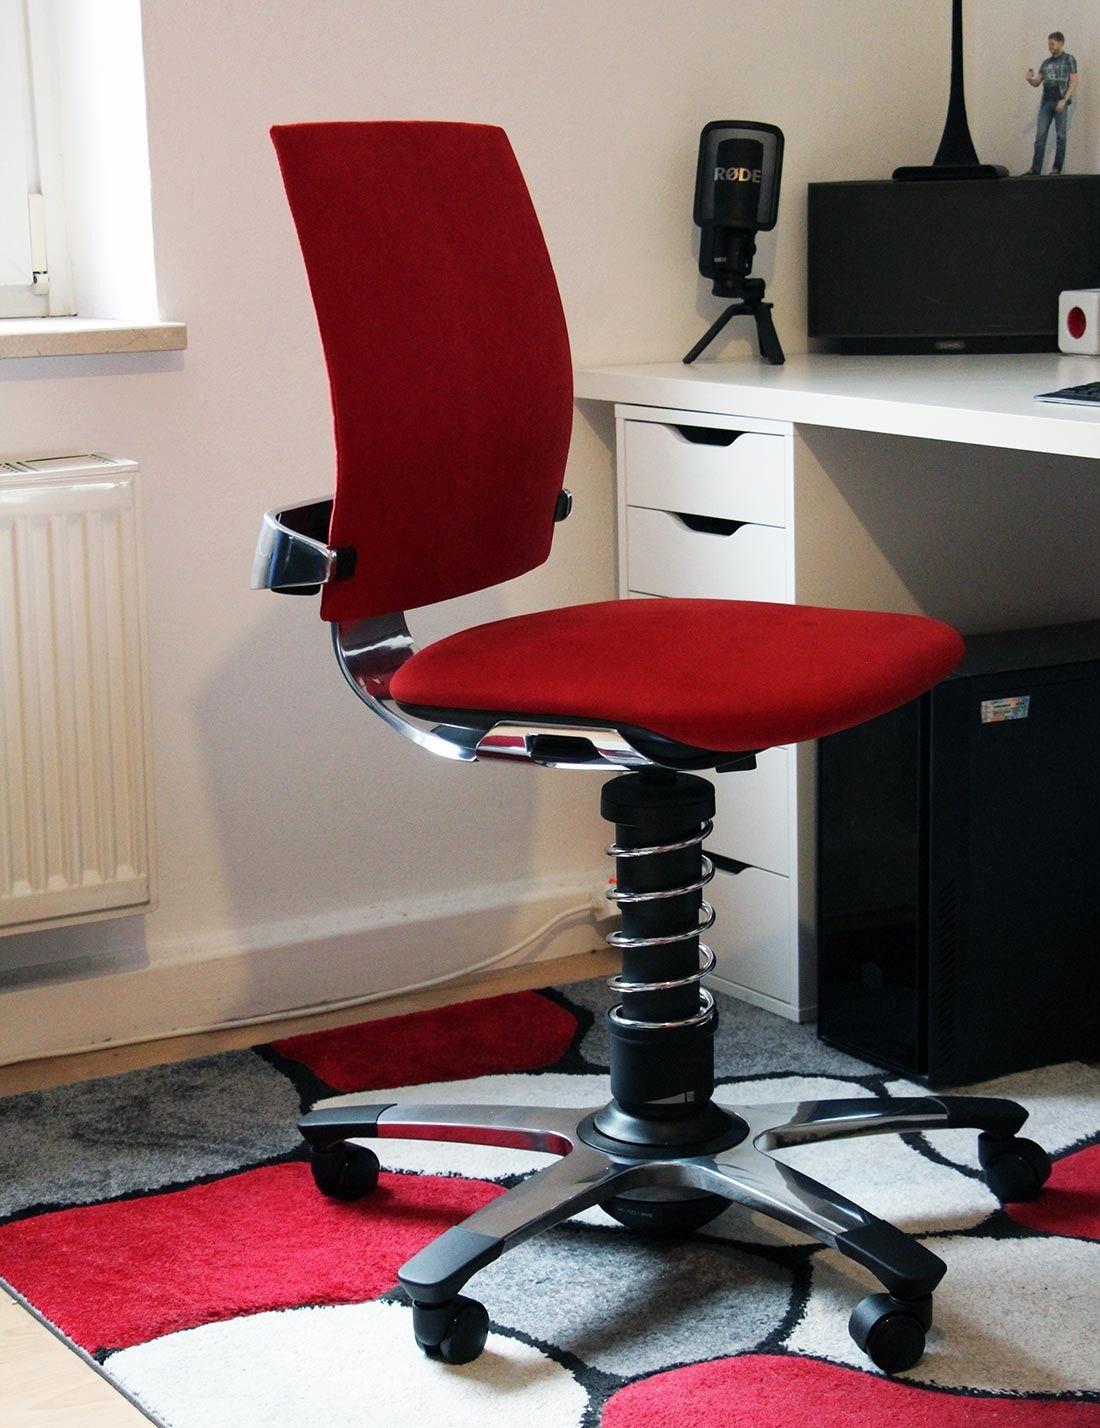 Mein Rucken Macht Jetzt Sport Beim Sitzen Aktiv Stuhl 3dee Von Aeris Im Test Sitzen Stuhle Rucken